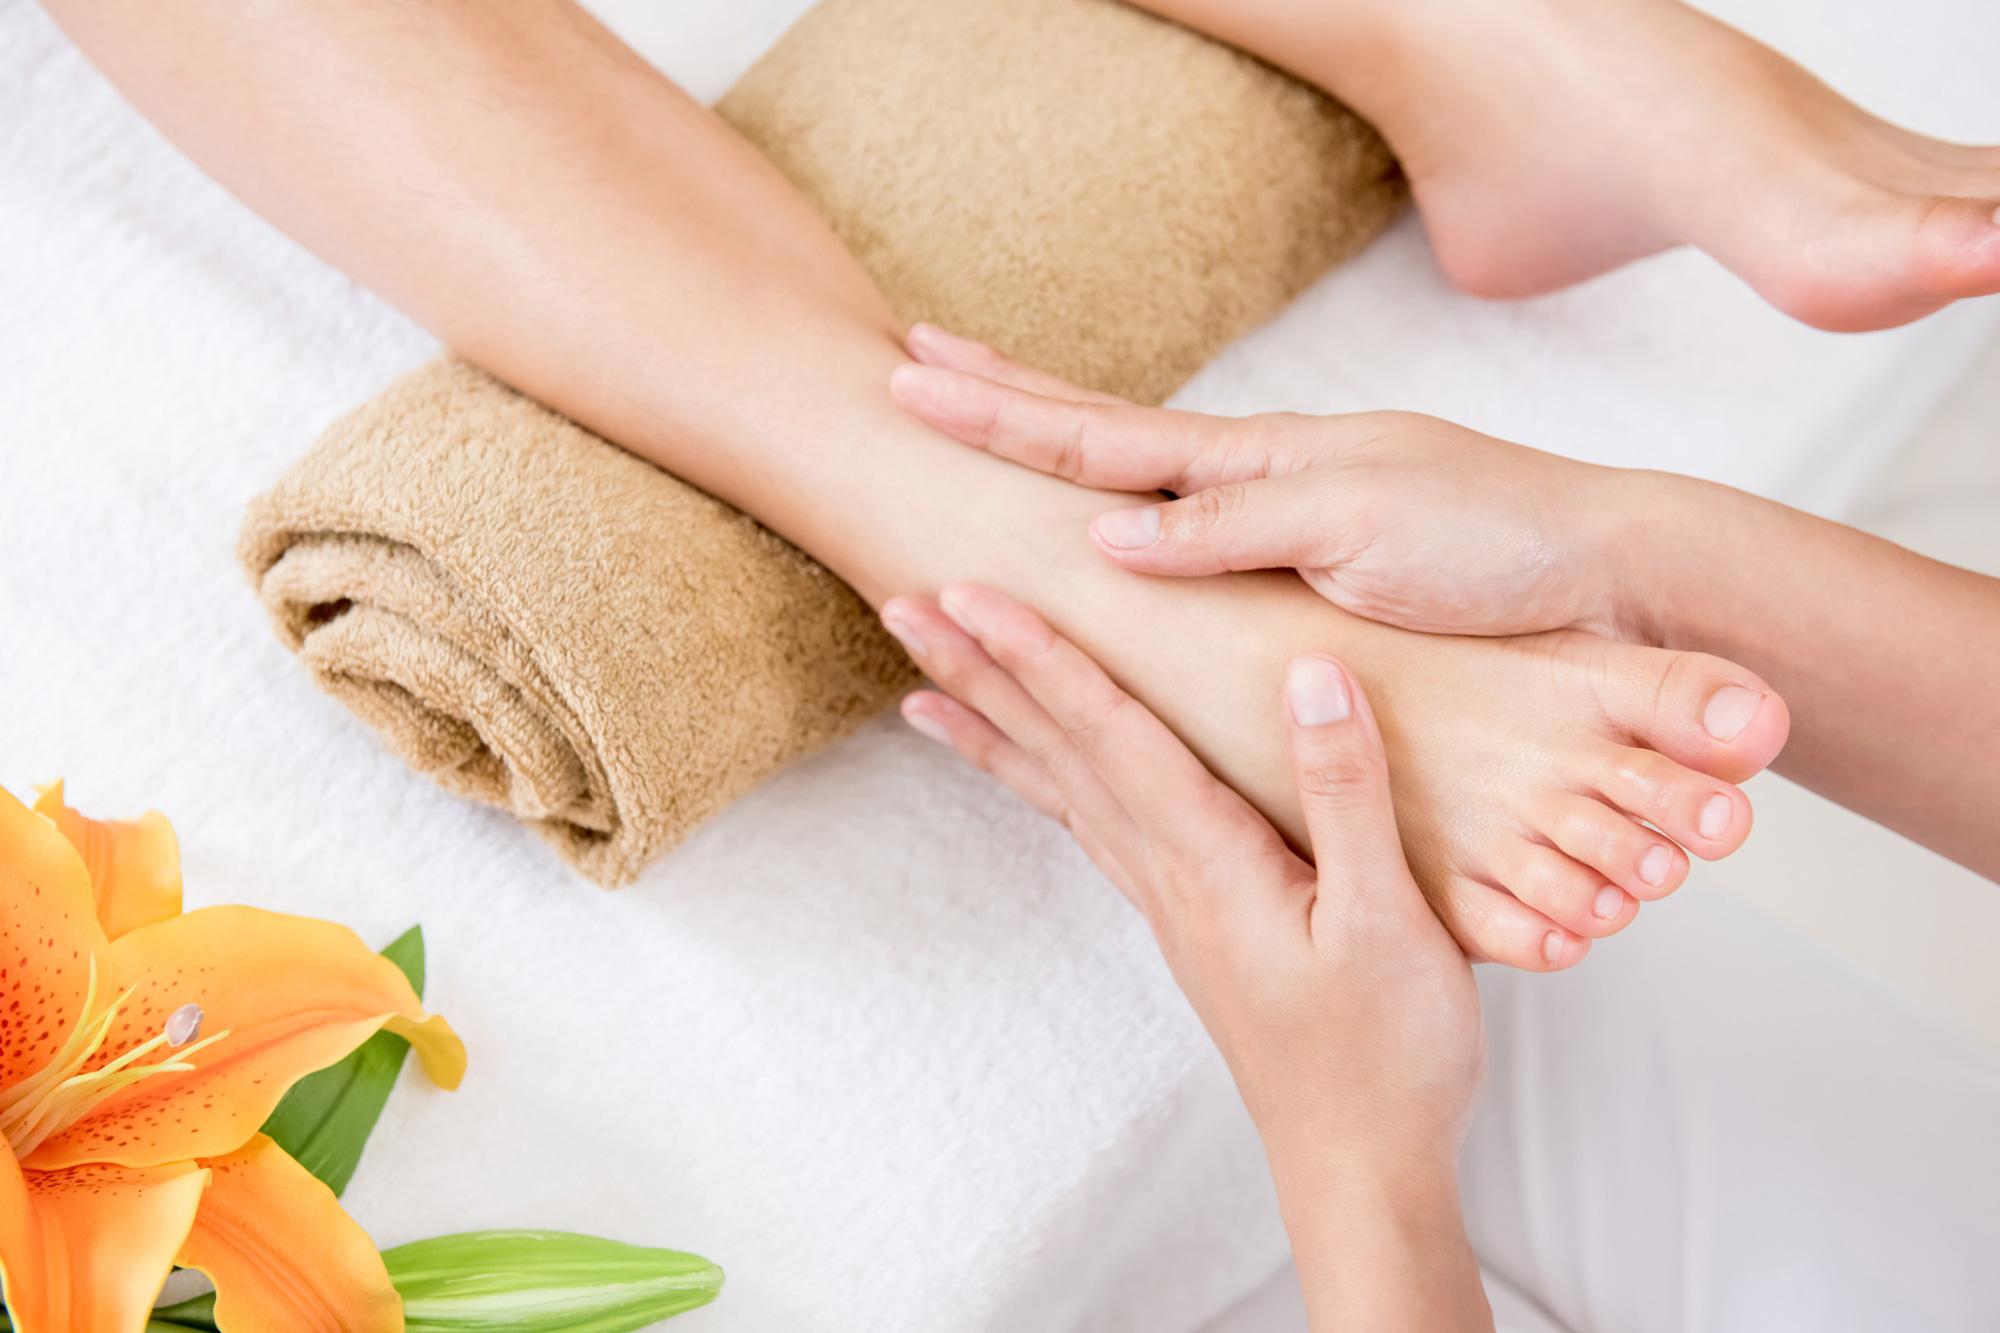 korawan-thaimassage-konstanz-frau-thailaendische-fussreflexzonen-massage-2000x1333